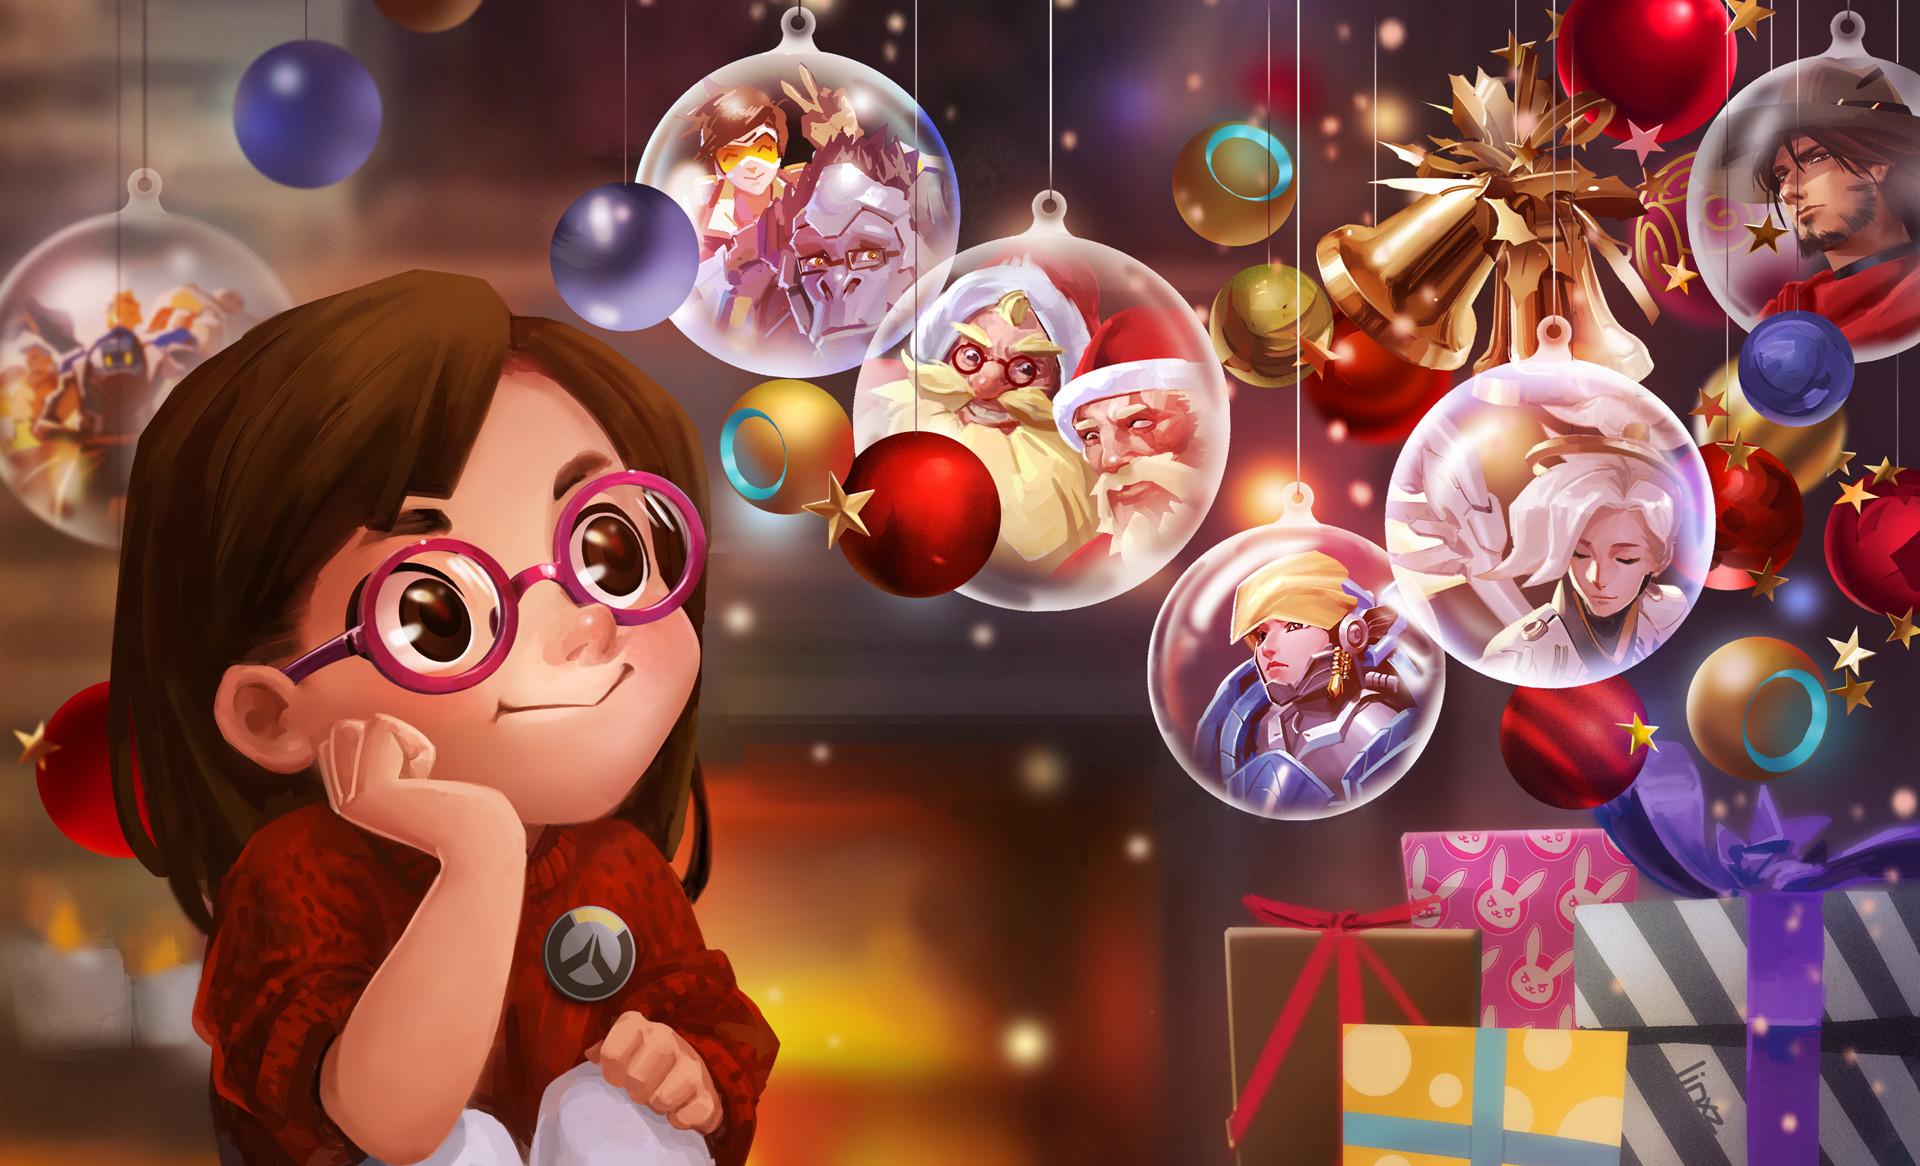 《守望先锋》官方发布圣诞贺图 英雄集结同庆佳节